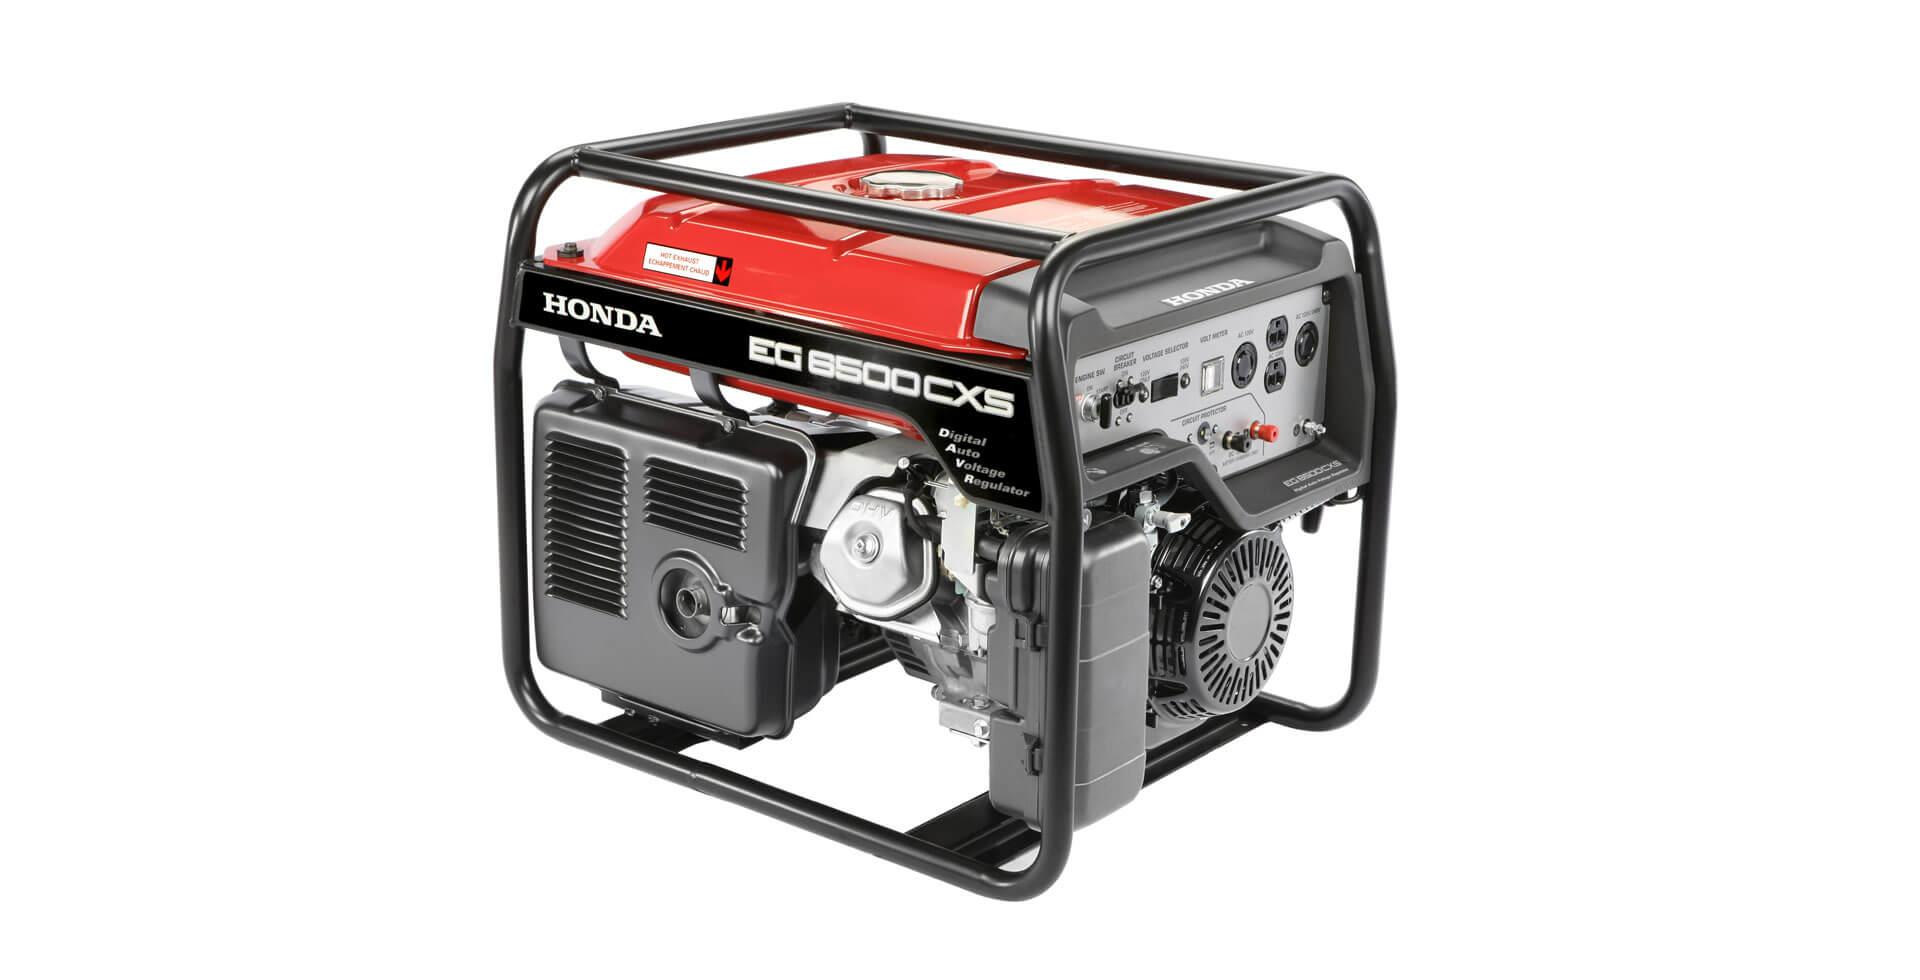 Gerador de Energia à Gasolina 6.5 kVA Honda - EG6500CXS LBH (Bivolt c/ Partida elétrica)